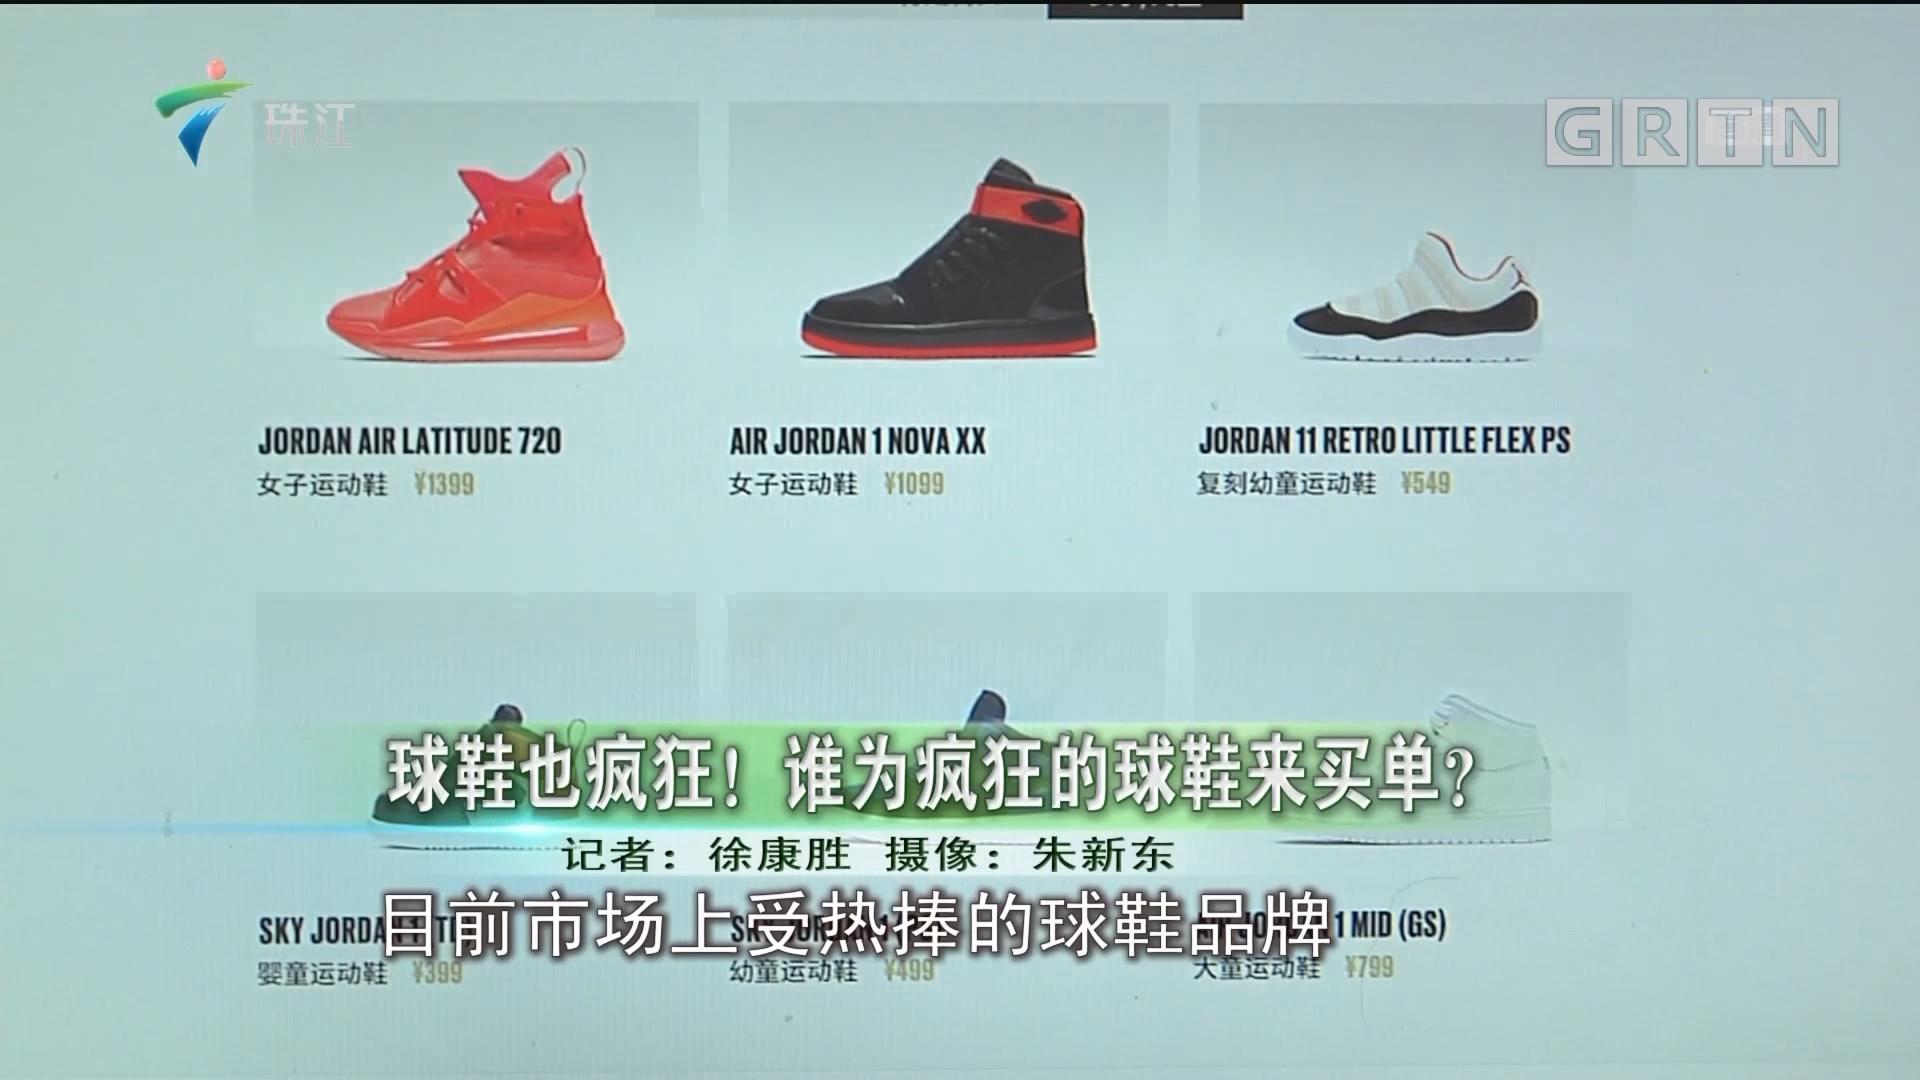 球鞋也疯狂!谁为疯狂的球鞋来买单?